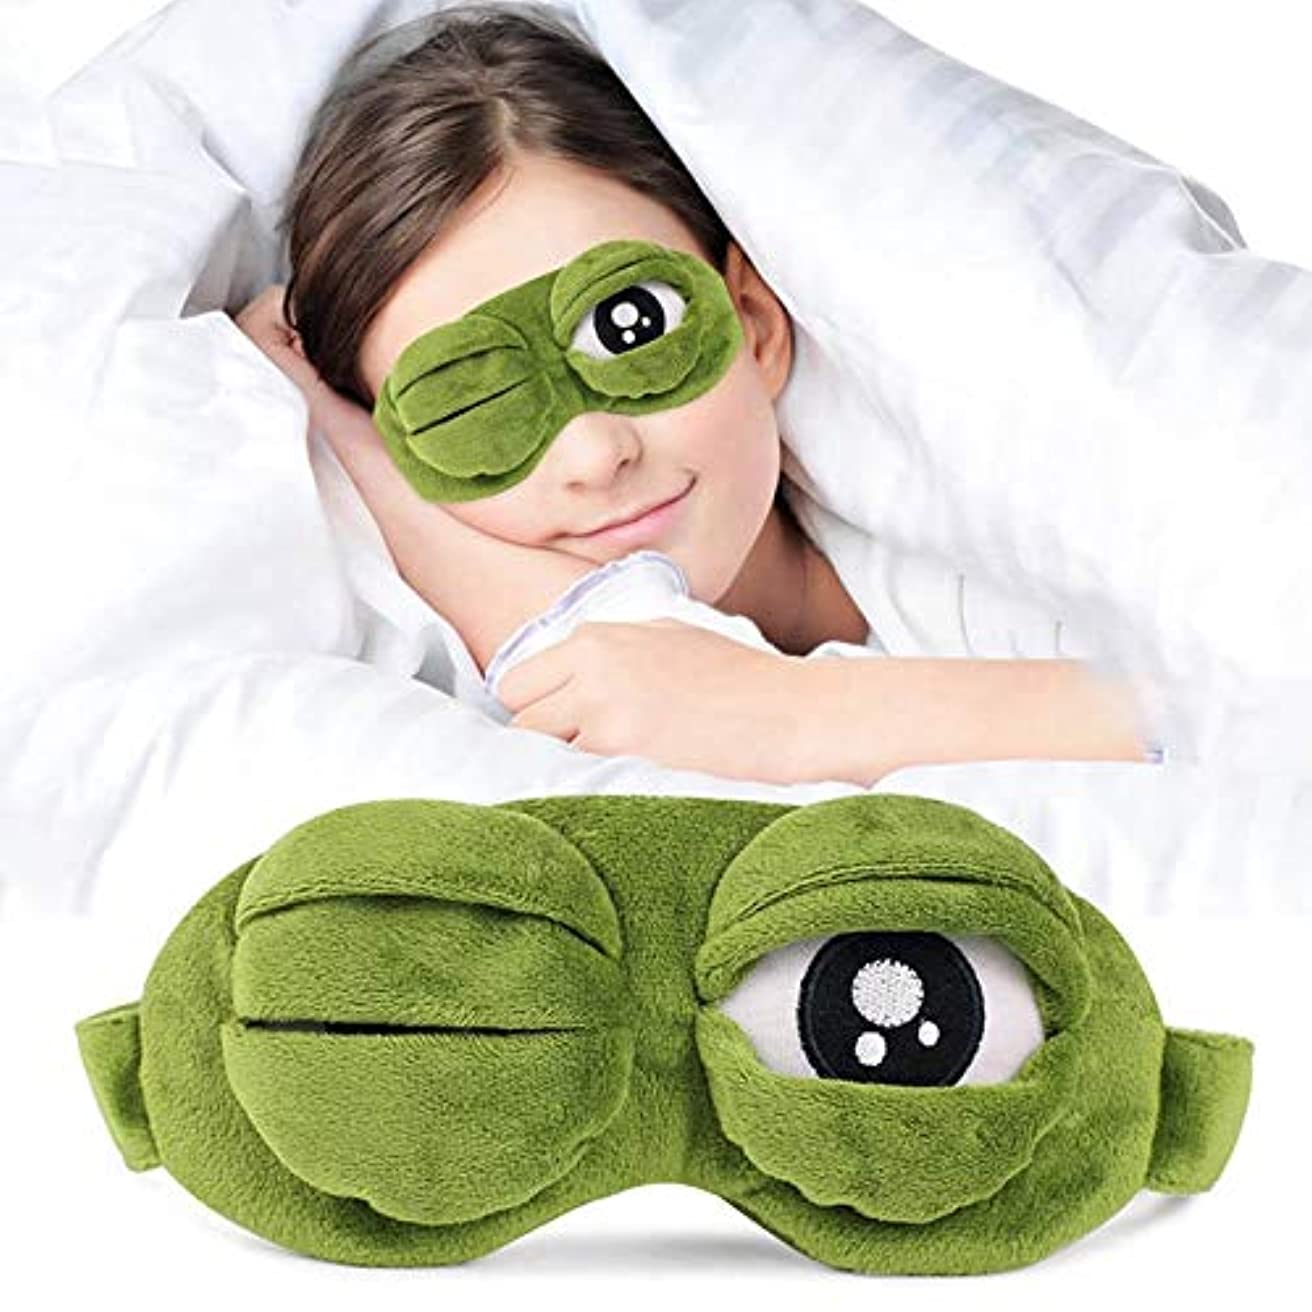 許可完了平和NOTE 1ピース3d悲しいカエル睡眠マスク睡眠補助目隠しアイマスクアイシェードアイスカバー旅行アイパッチ